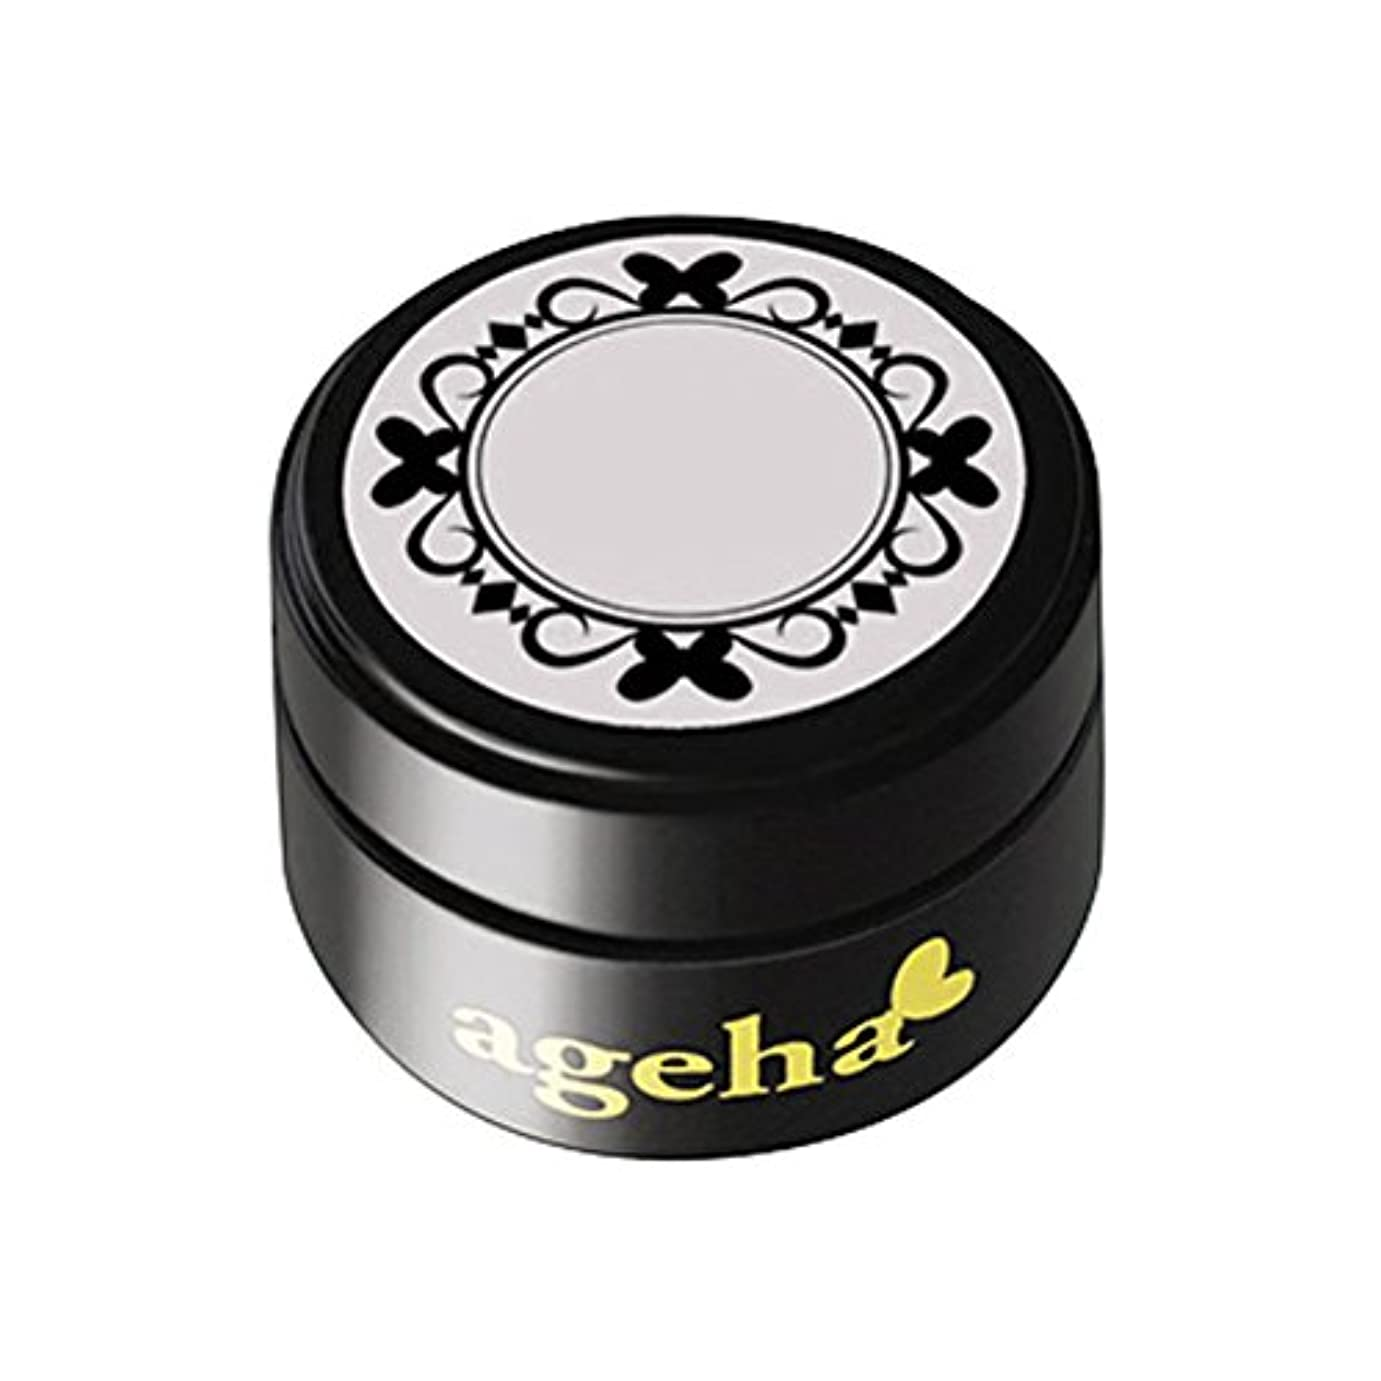 タールメタリックパケットpresto ageha カラージェル 1 マットホワイト 2.7g